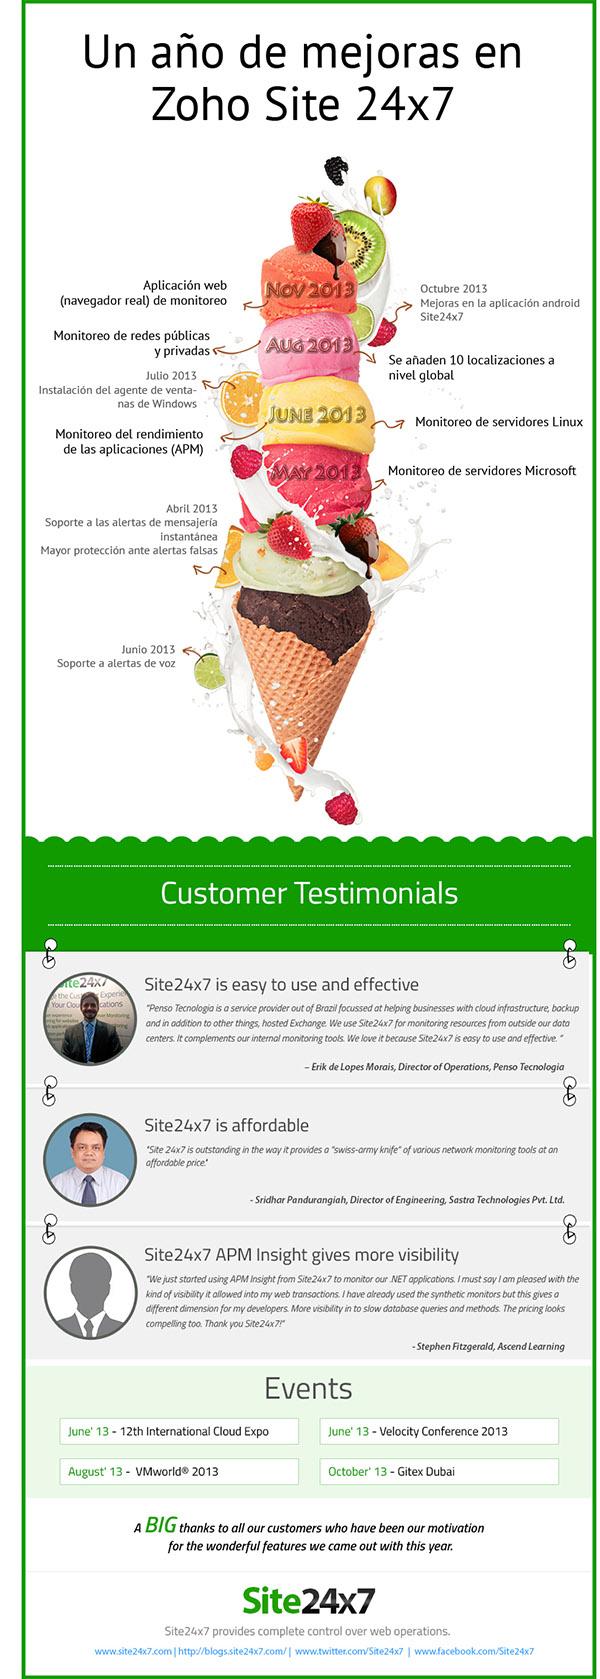 site24x7-helado-mejoras-año